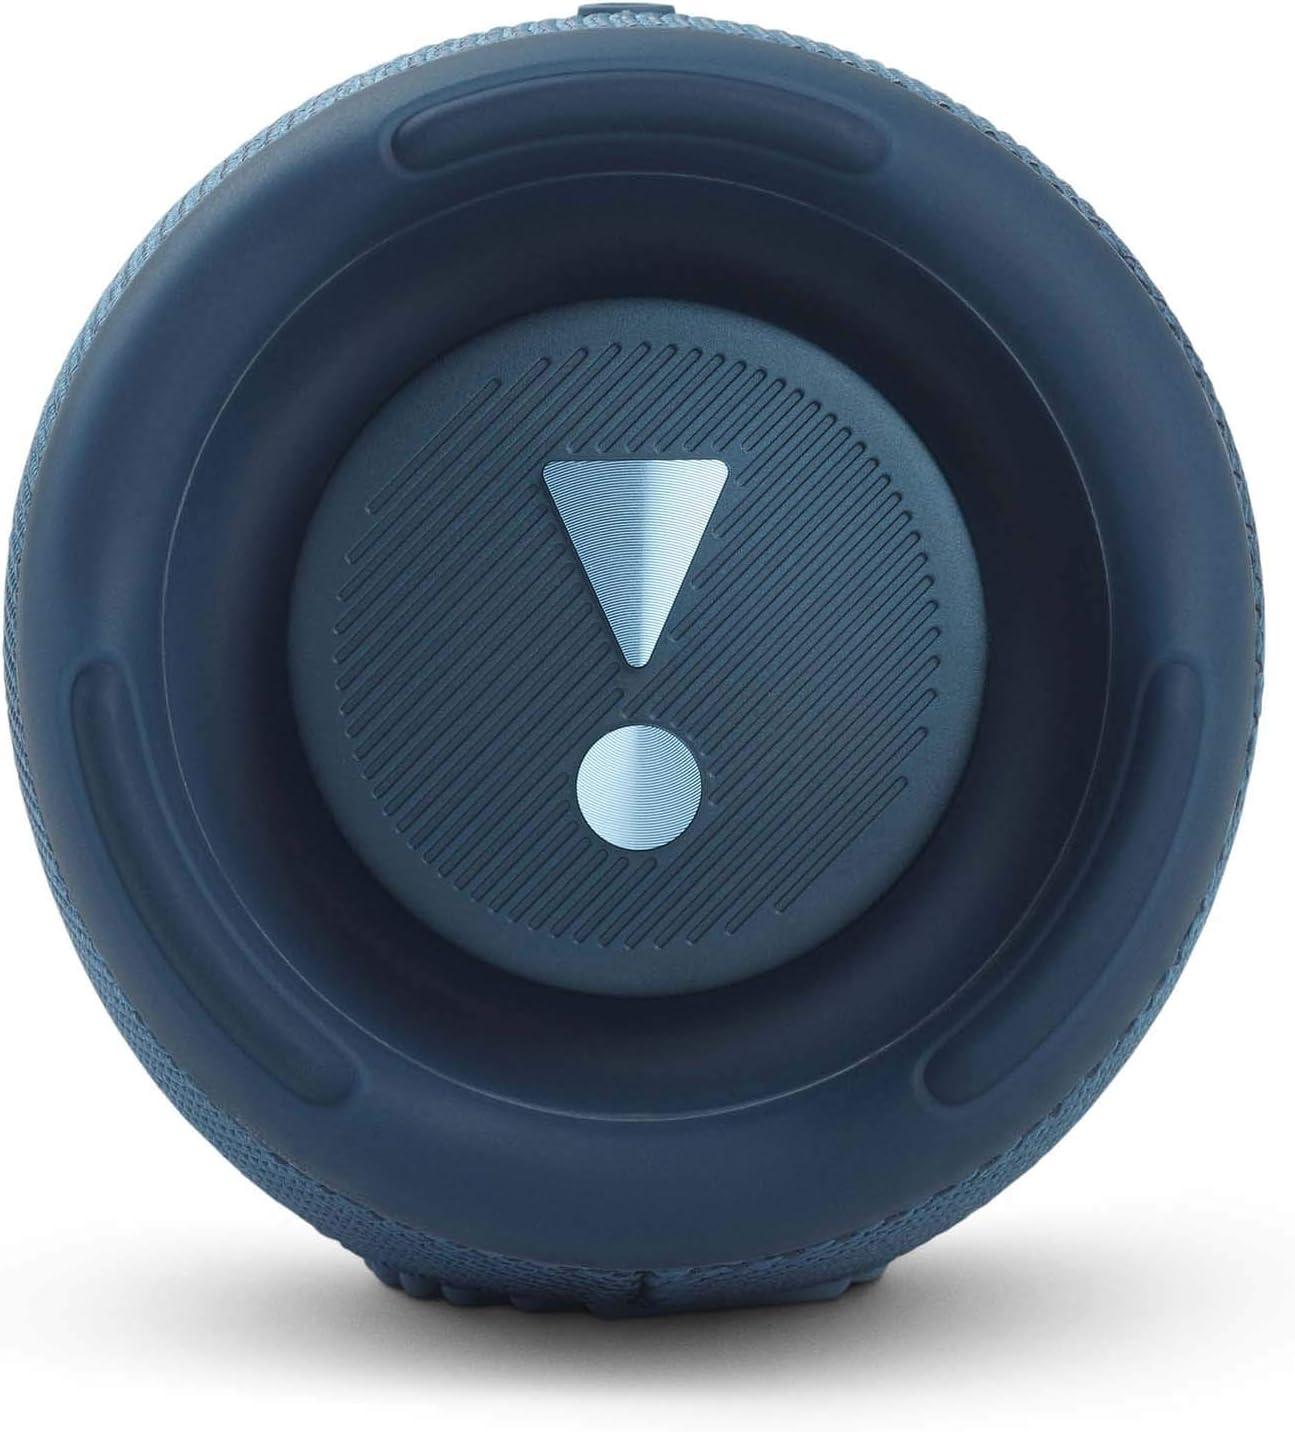 Son puissant et basses profondes Etanche /à l/'eau et /à la poussi/ère Noir JBL Charge 5 Enceinte portable Bluetooth avec chargeur int/égr/é Autonomie de 20 hrs